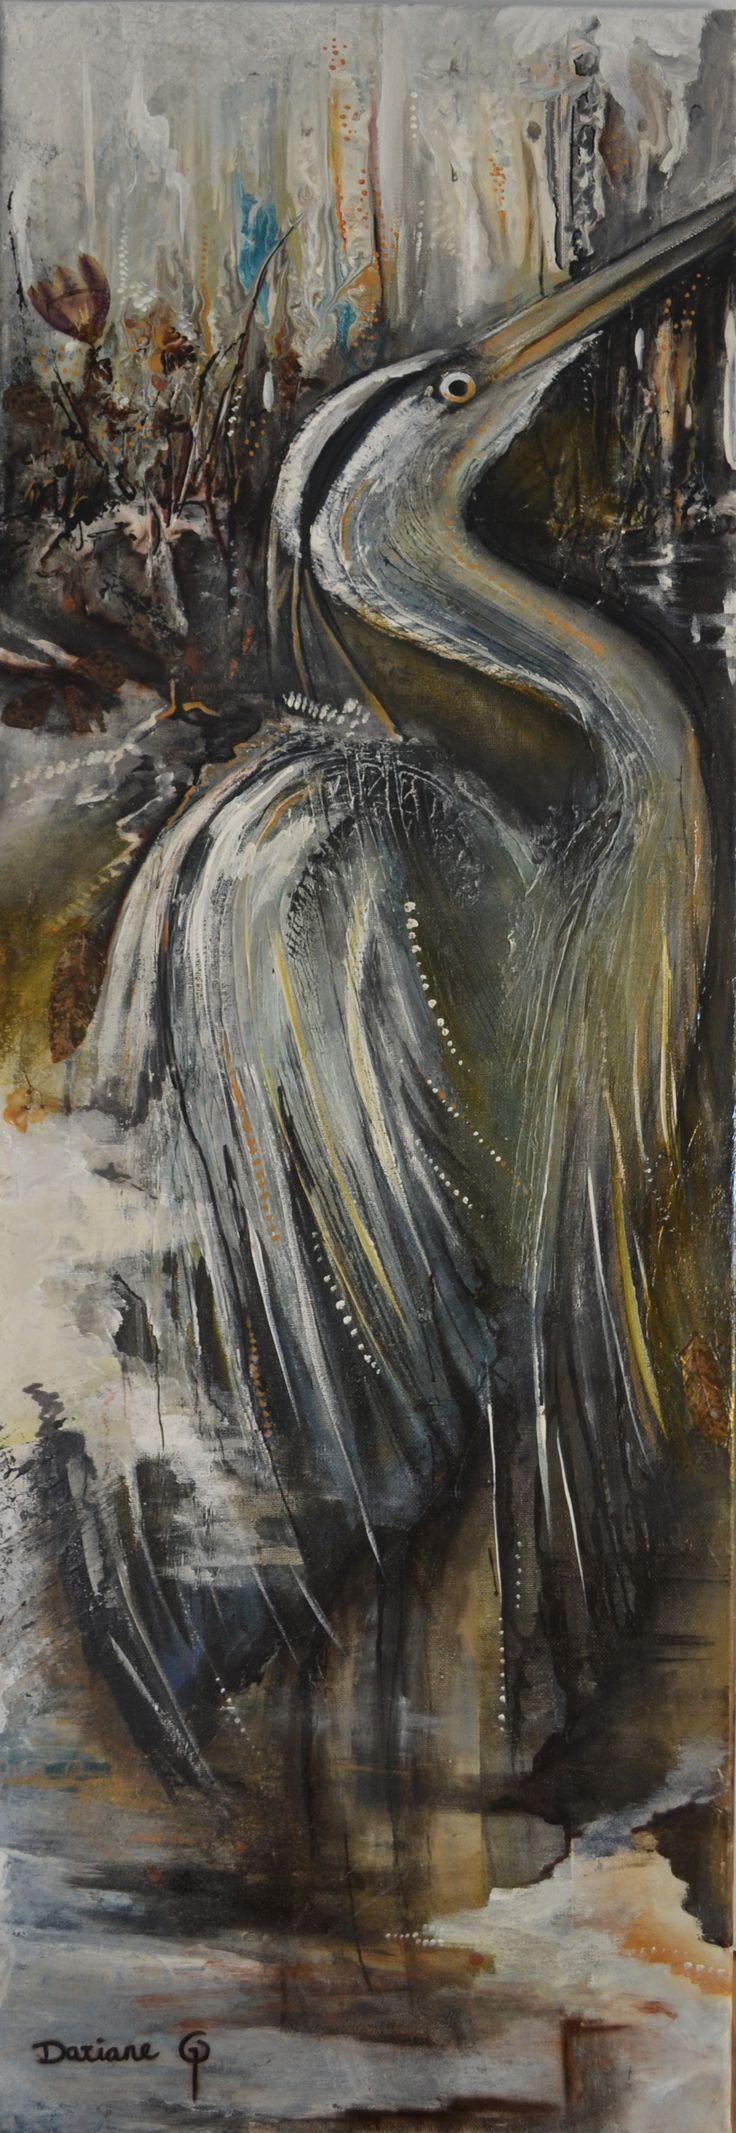 Le grand Héron  Acrylique, encre et fleurs séchées sur toile  #grandheron #heron